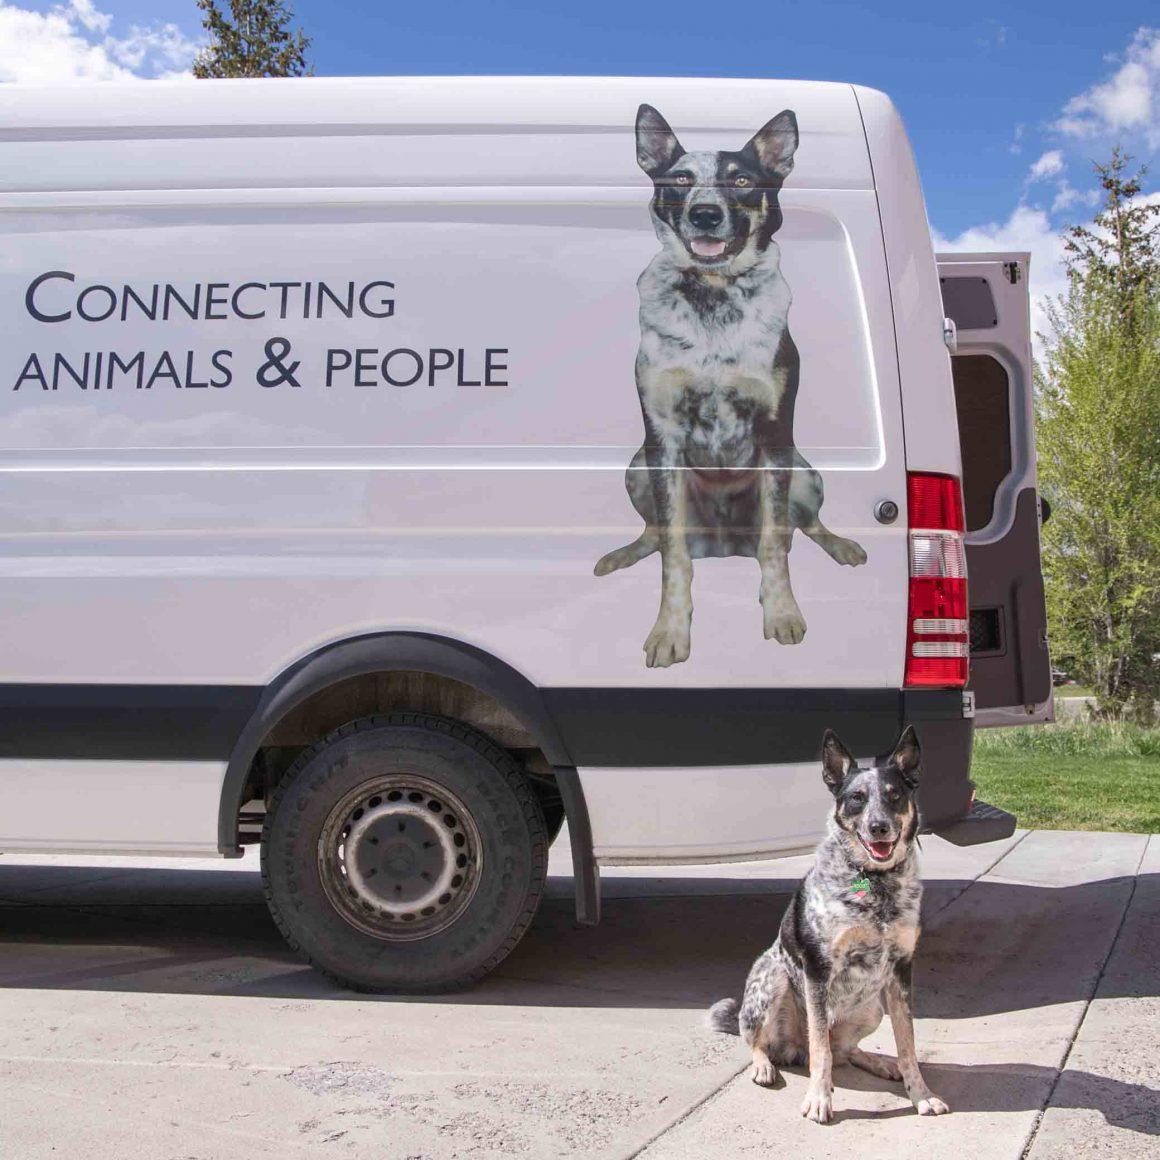 Your Pet on the Mountain Humane Outreach Van - Mountain Humane